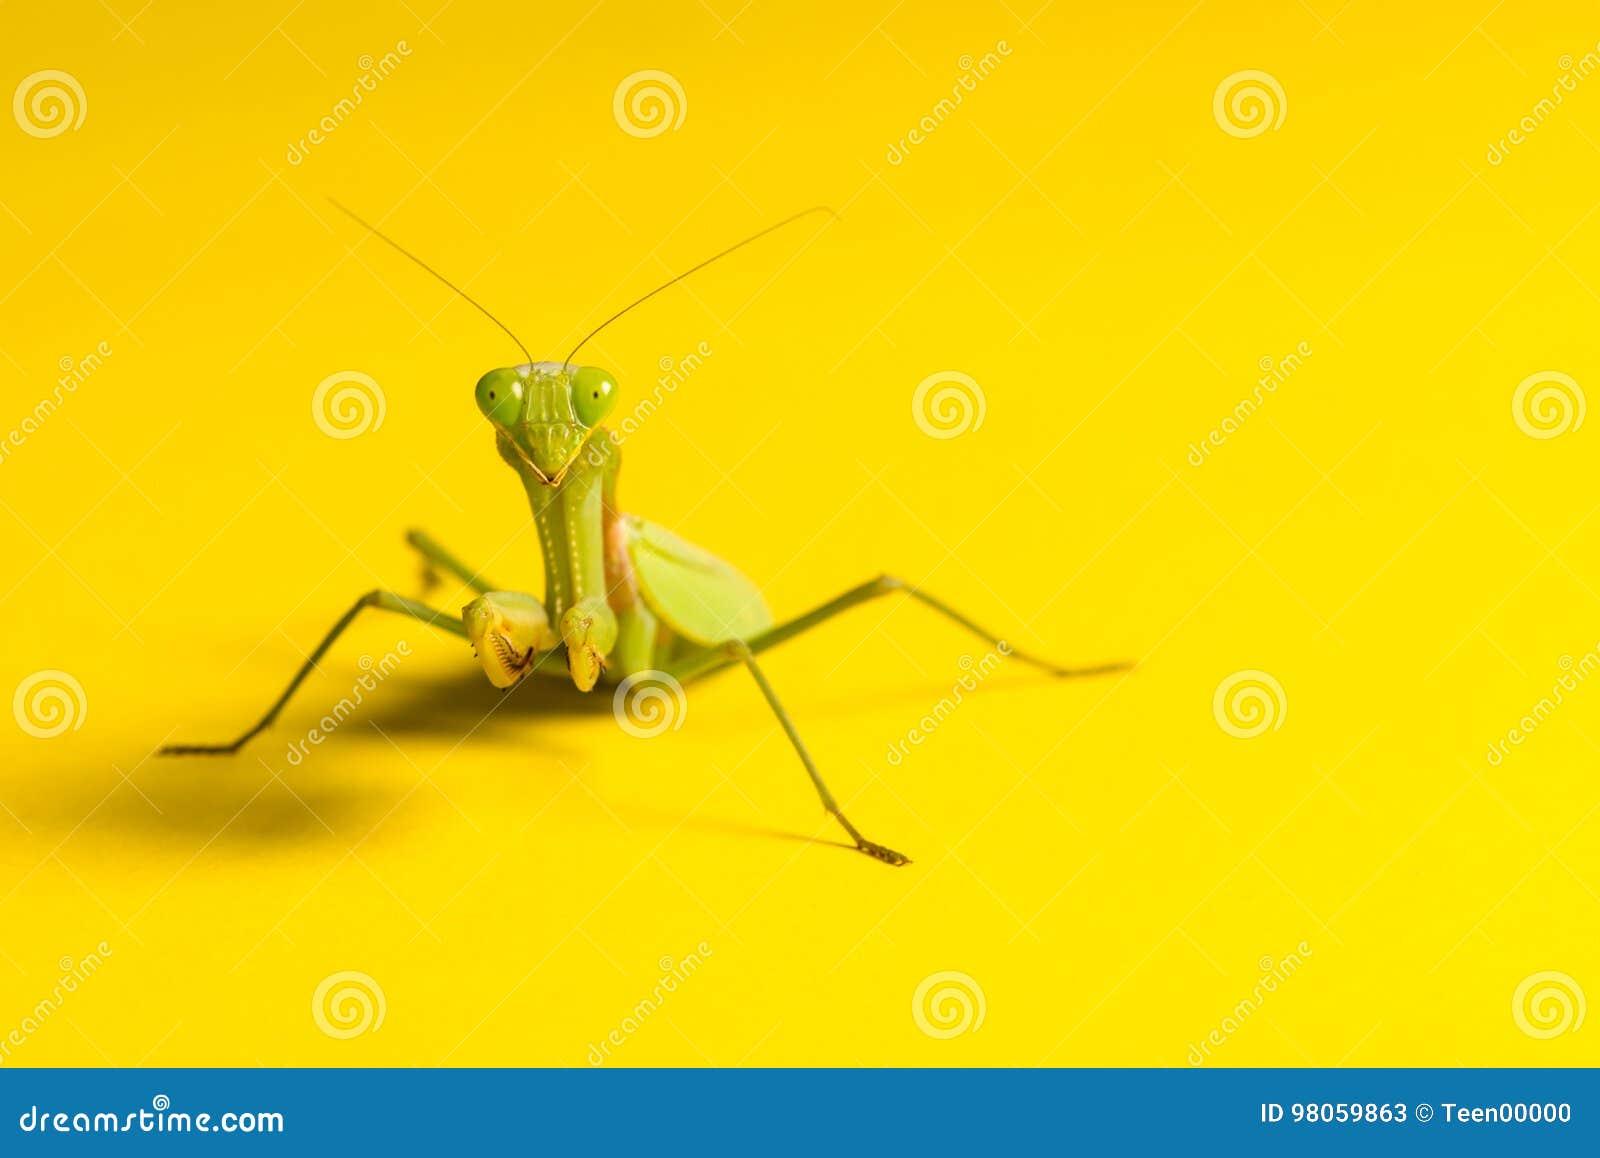 Louva-a-deus no fundo amarelo